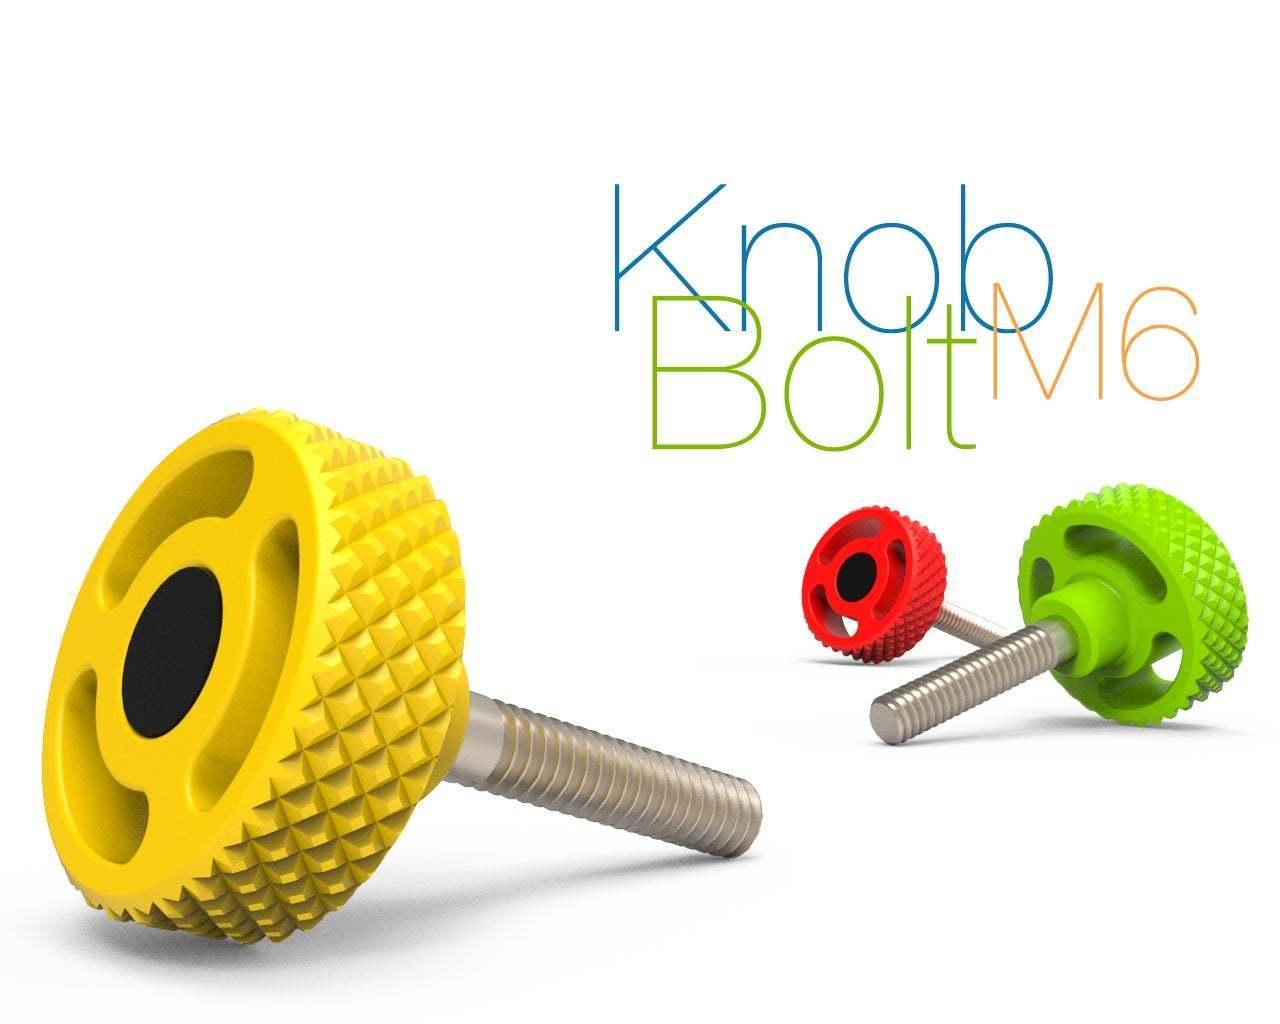 Knob-Bolt-M6.jpg Télécharger fichier STL gratuit Boulon de bouton M6 • Modèle imprimable en 3D, perinski